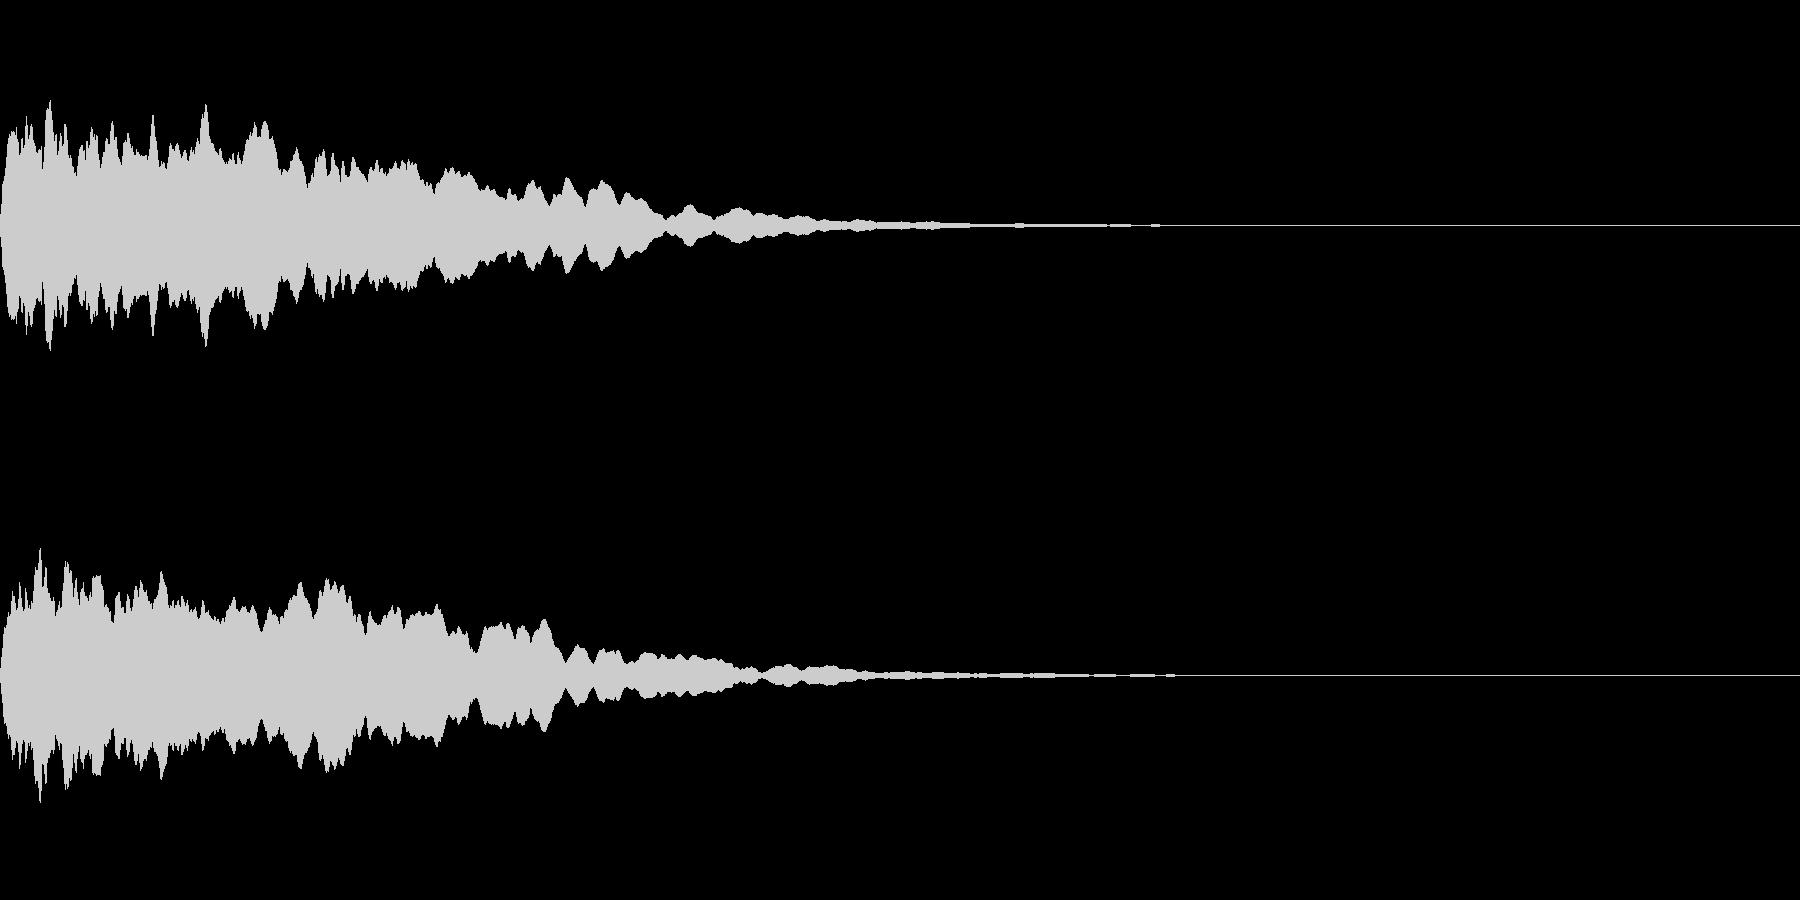 トレーラー用シネマチックアラーム・ピン1の未再生の波形